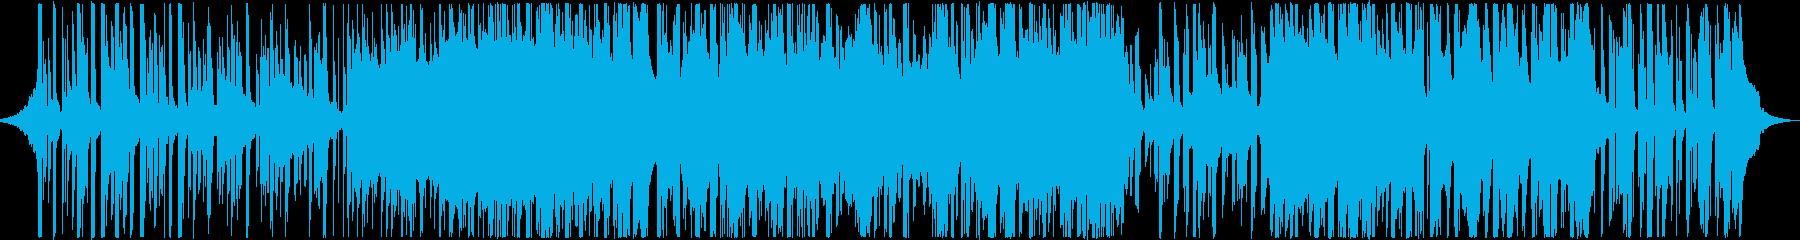 明るくキラキラ感のあるエレクトロポップの再生済みの波形